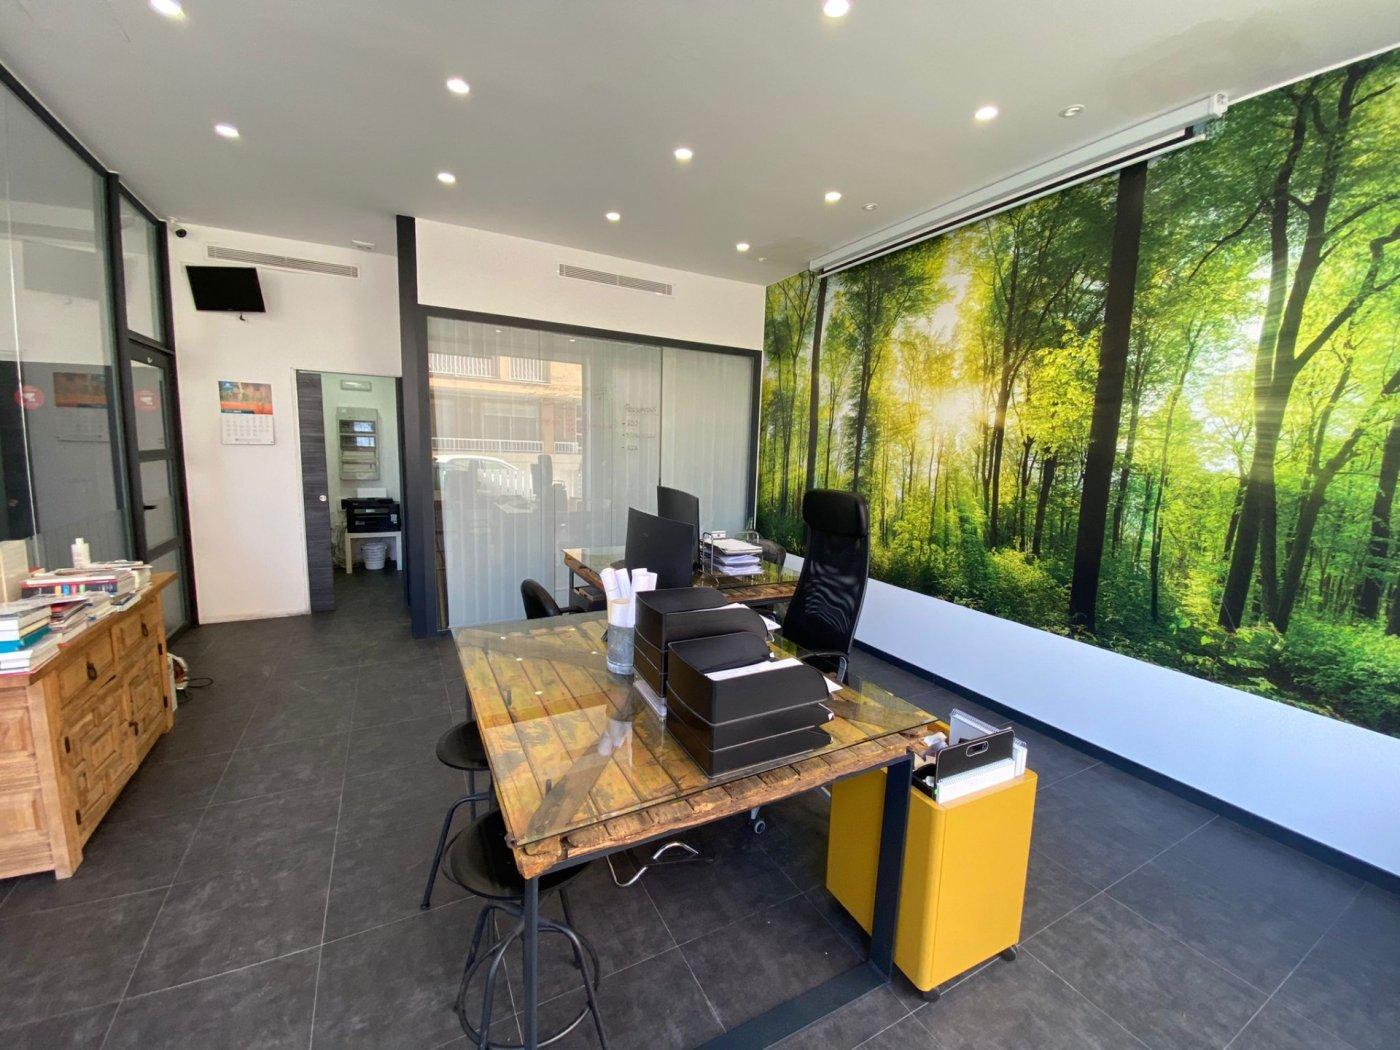 Amplio local con trasteros y zona de oficina. - imagenInmueble2